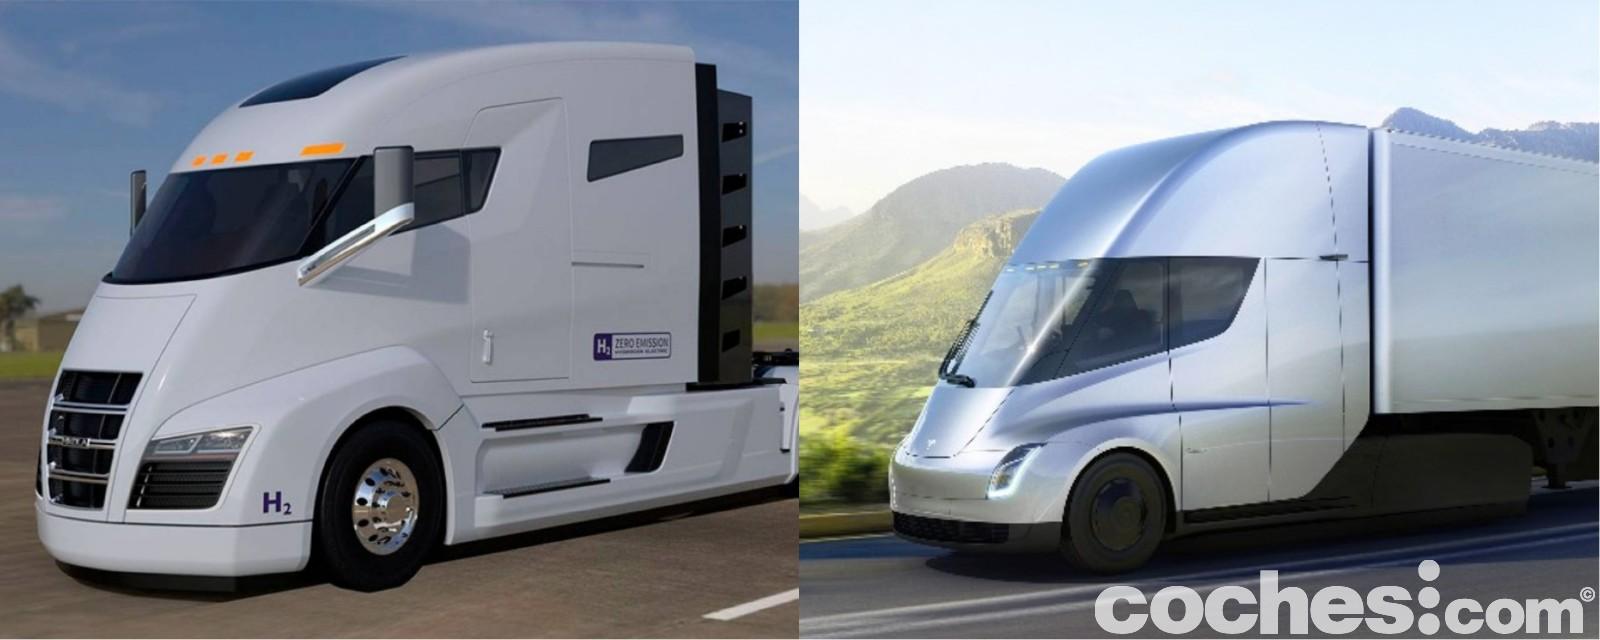 comparativa-camiones-tesla-nikola